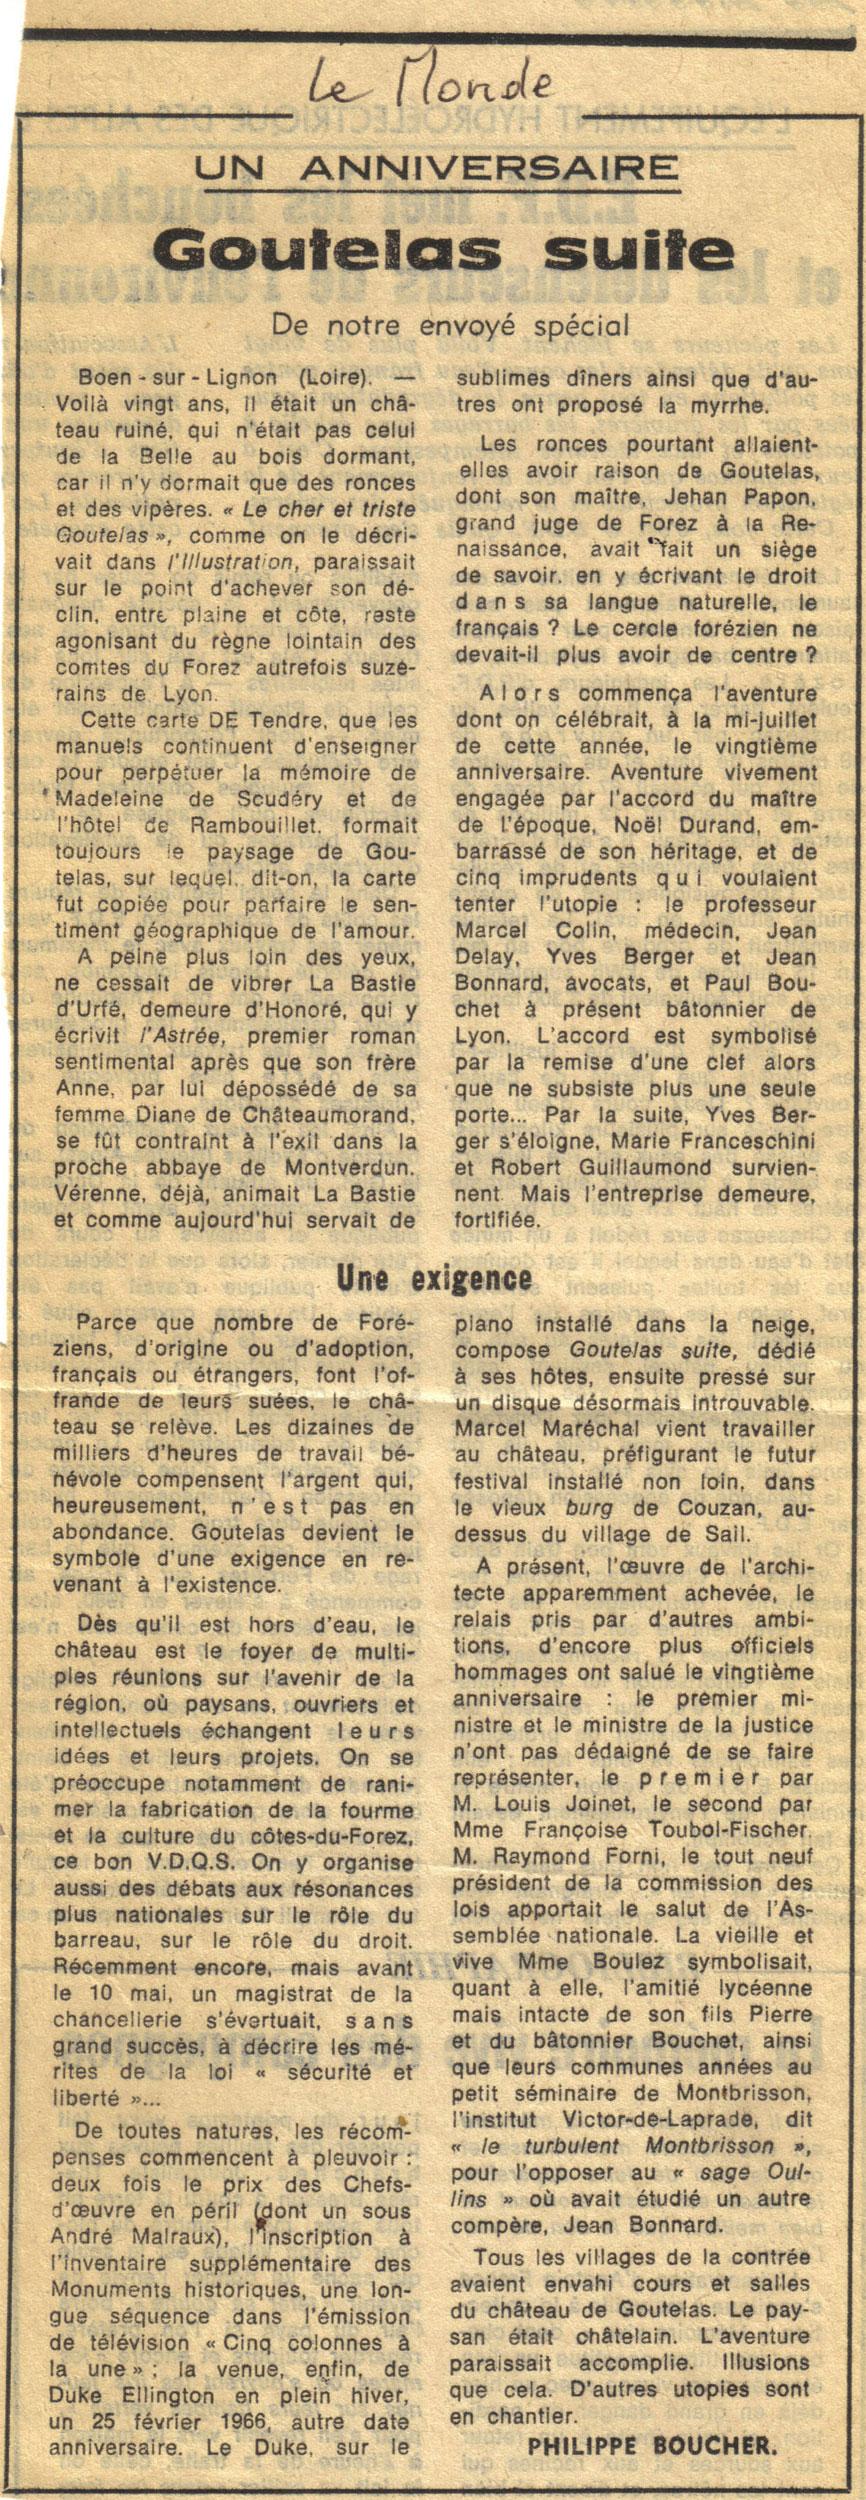 Goutelas 1966, LeMonde - coll. Claude Carrière